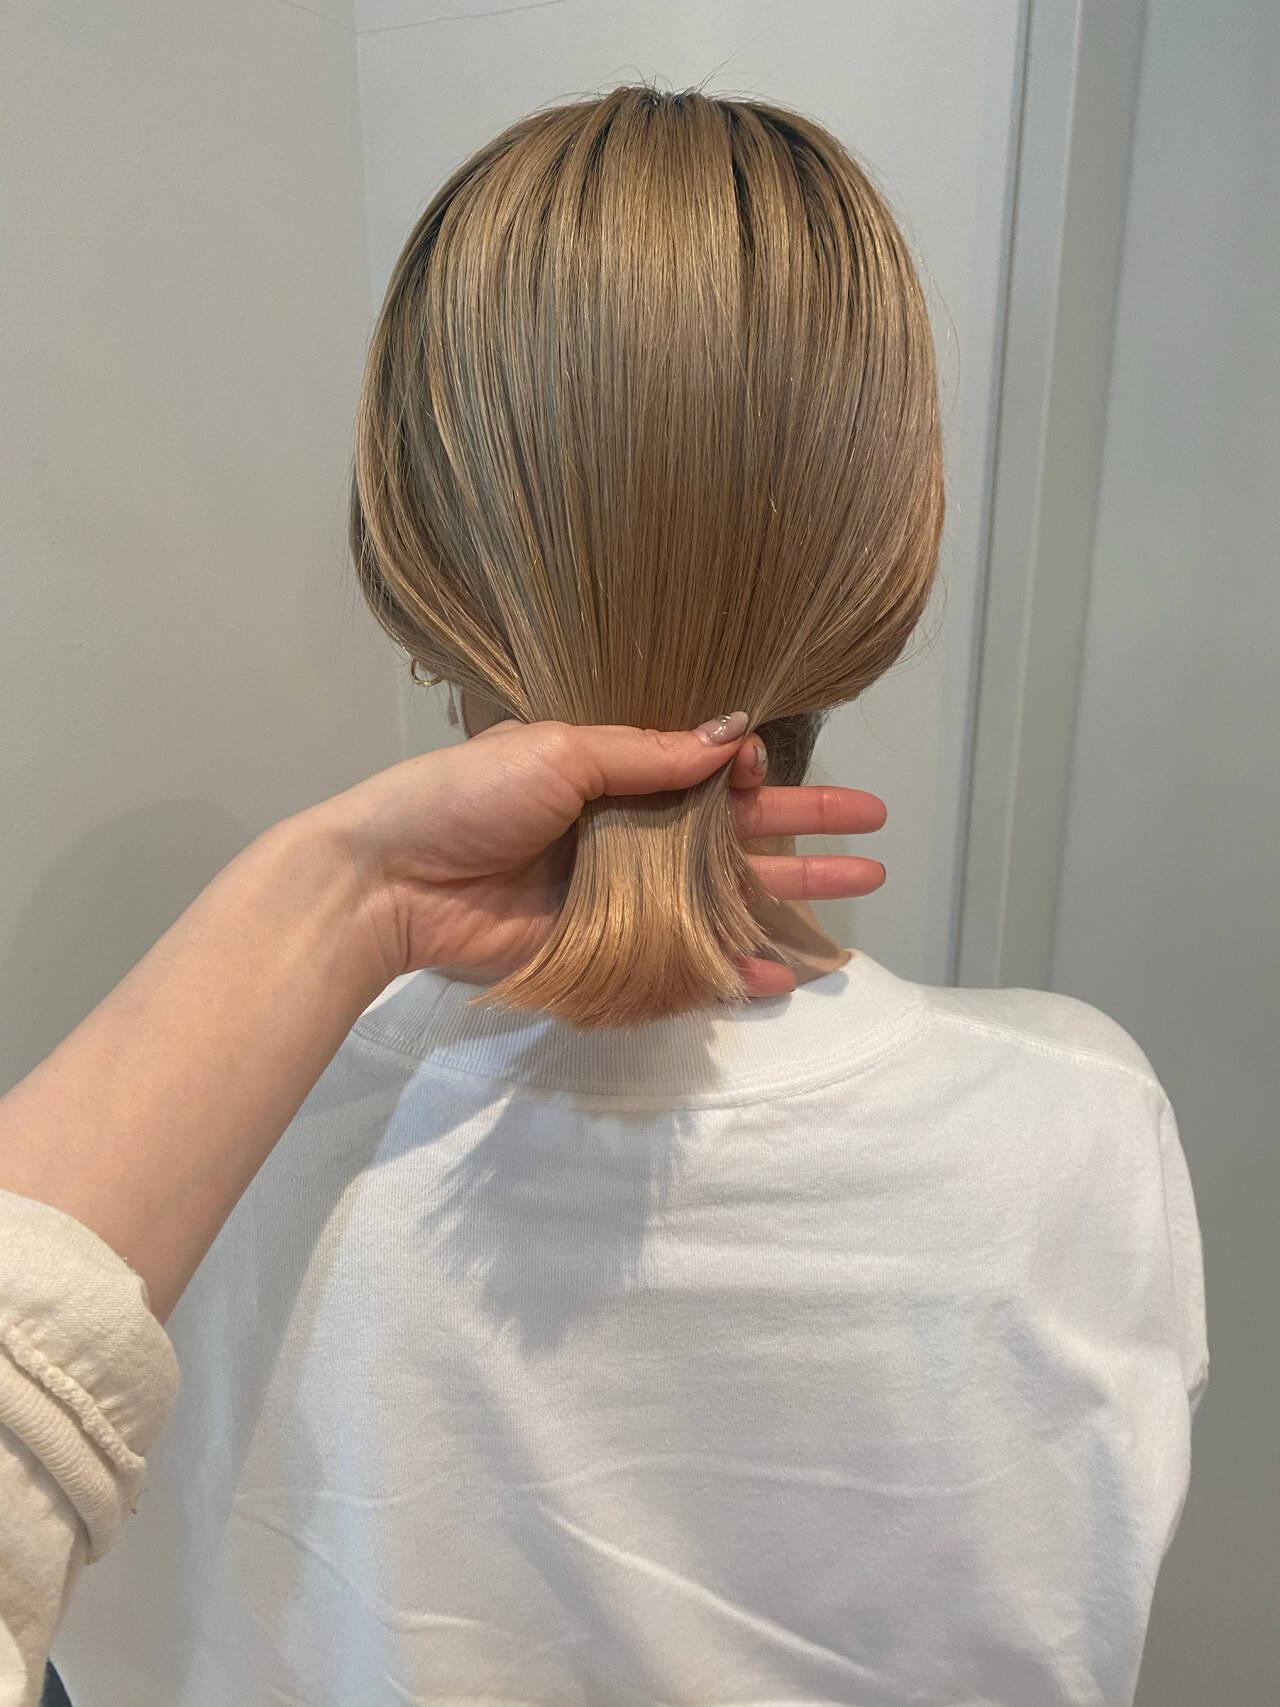 アウトドア アンニュイほつれヘア ボブ スポーツヘアスタイルや髪型の写真・画像